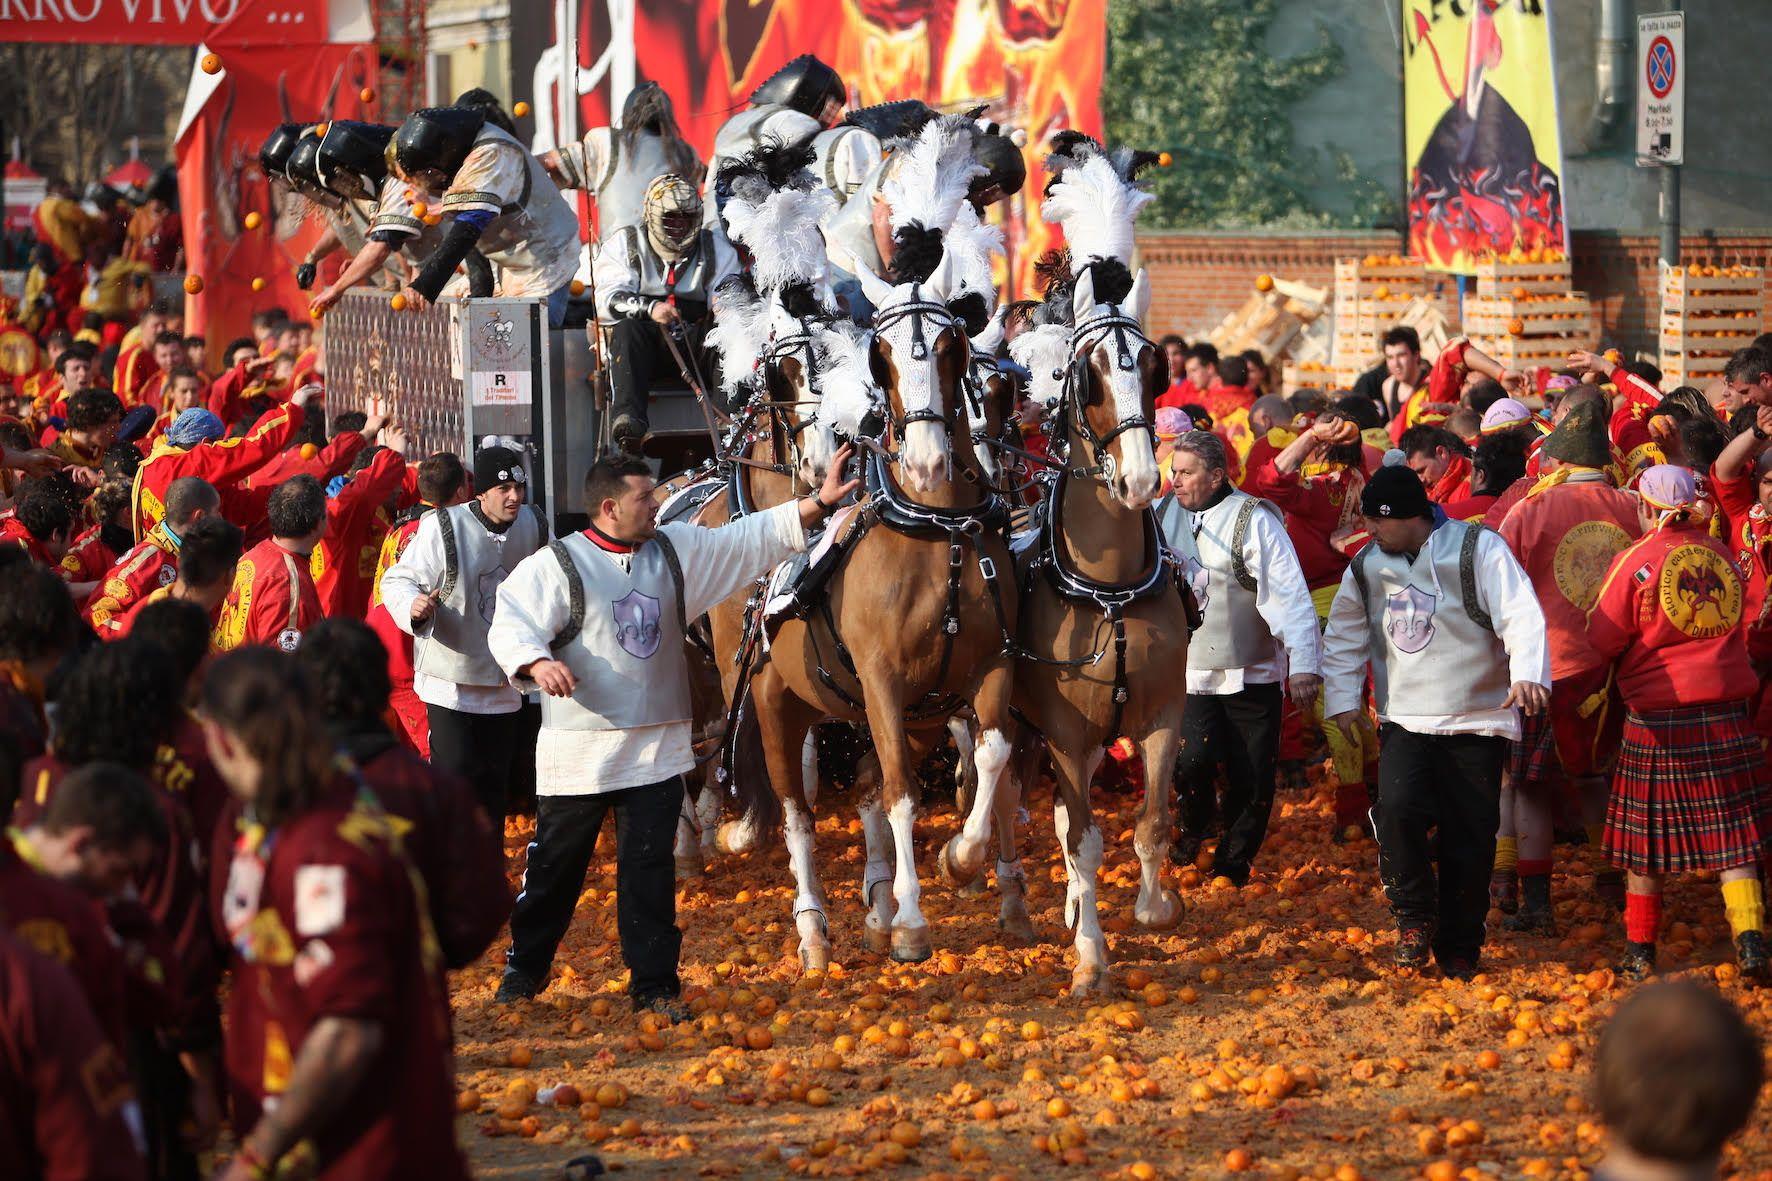 IVREA - Carnevale, le Componenti deluse scrivono al sindaco